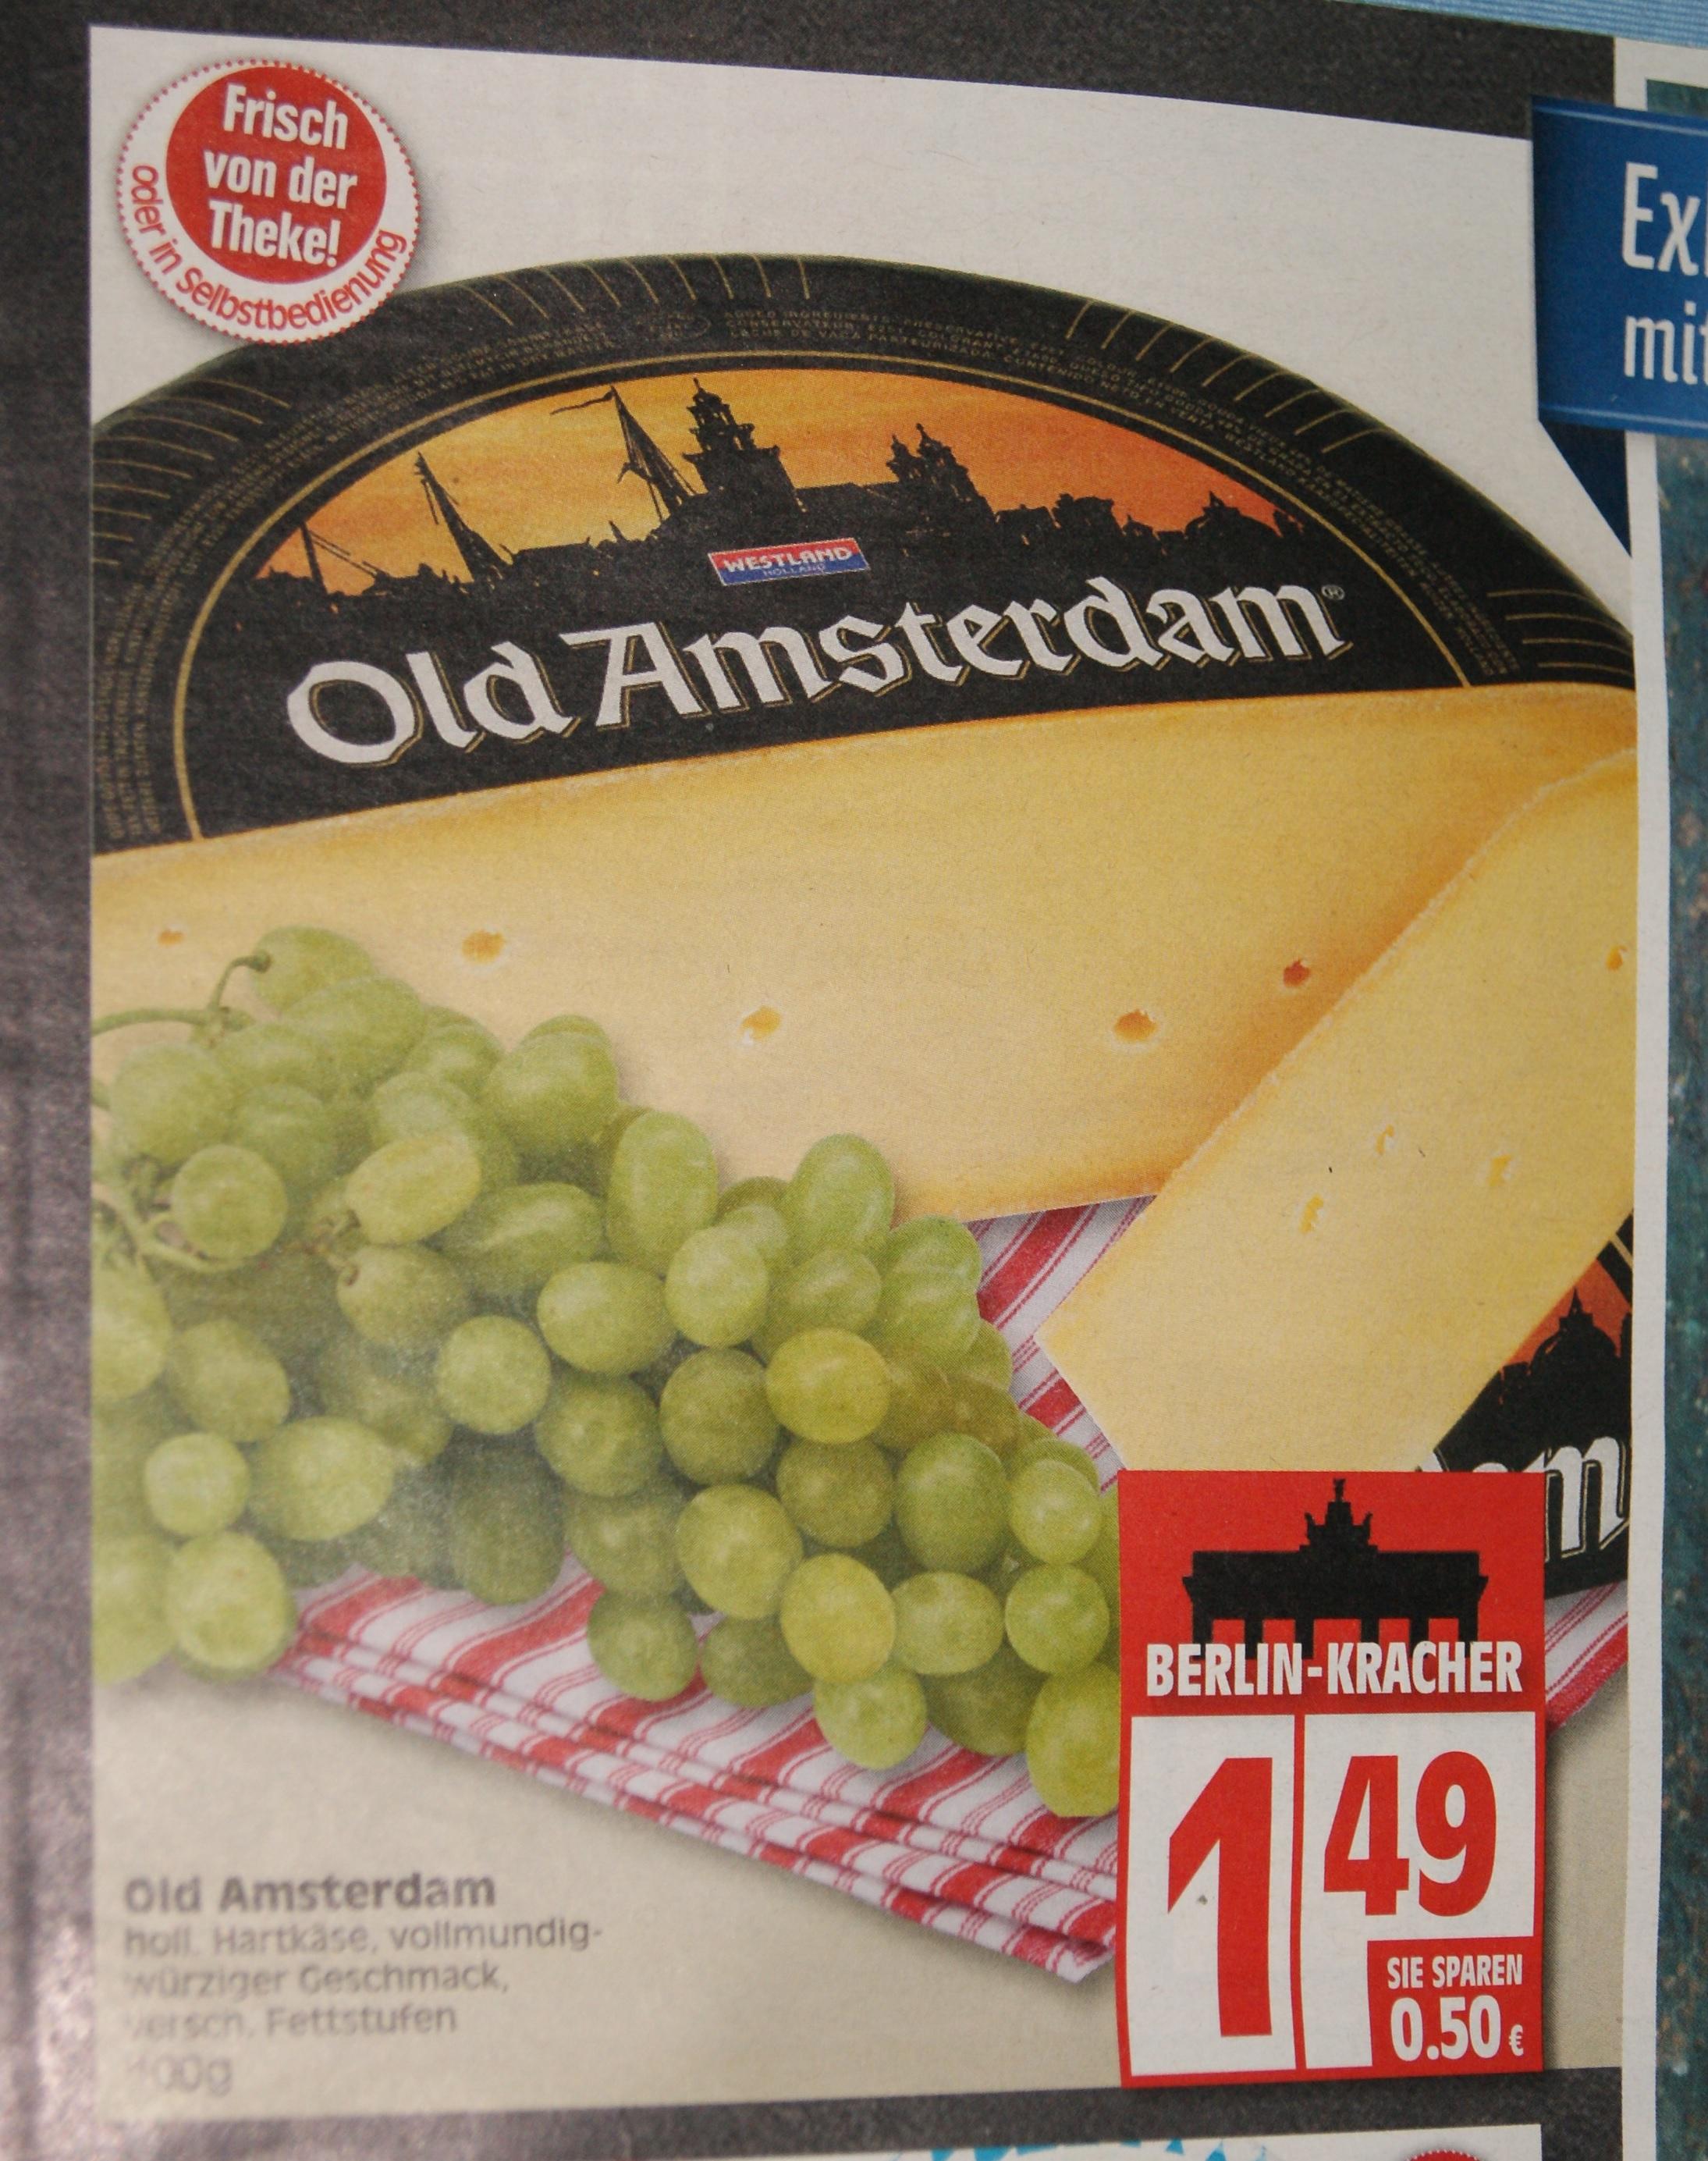 Old Amsterdam Käse für günstige 1,49€/100g bei Edeka in Berlin